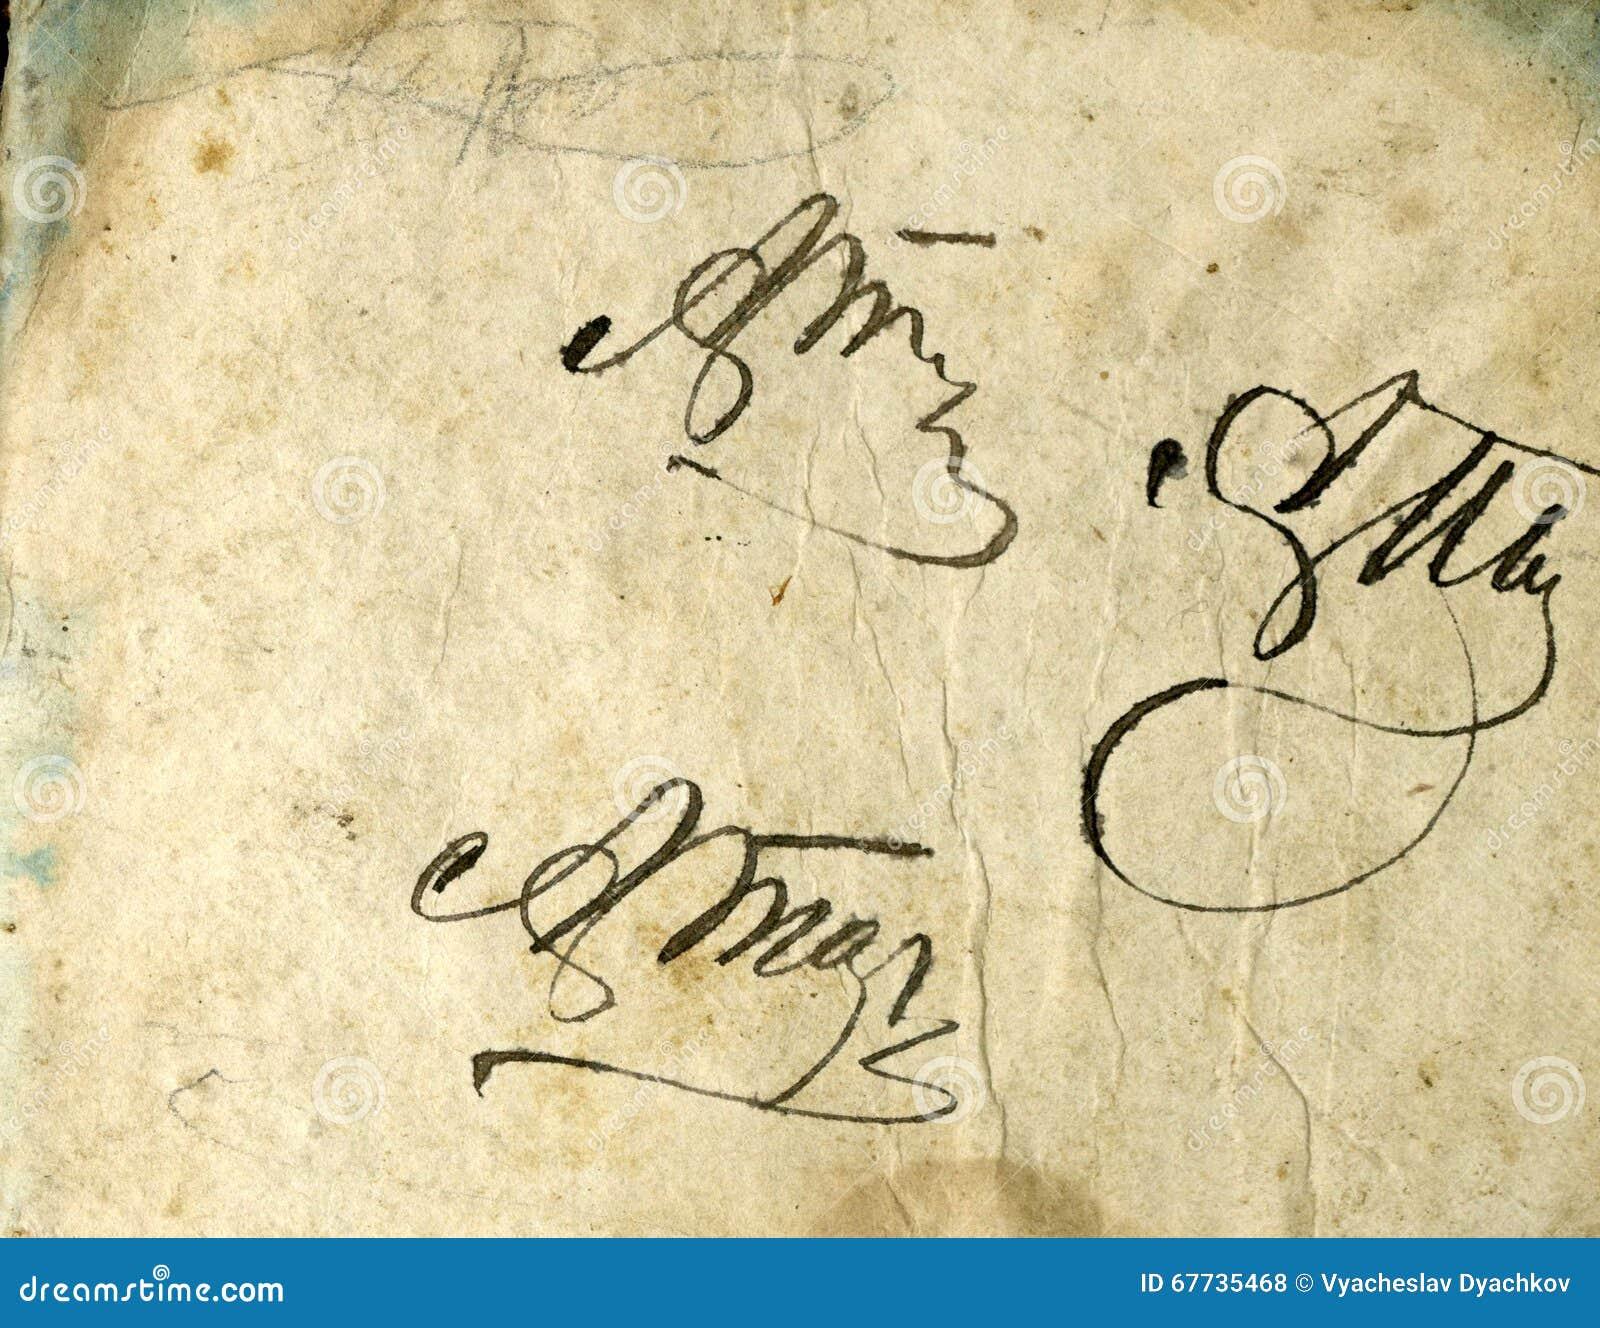 Imagem sem emenda da folha de papel amarelada velha com pontos escuros e um fac-símile da inscrição